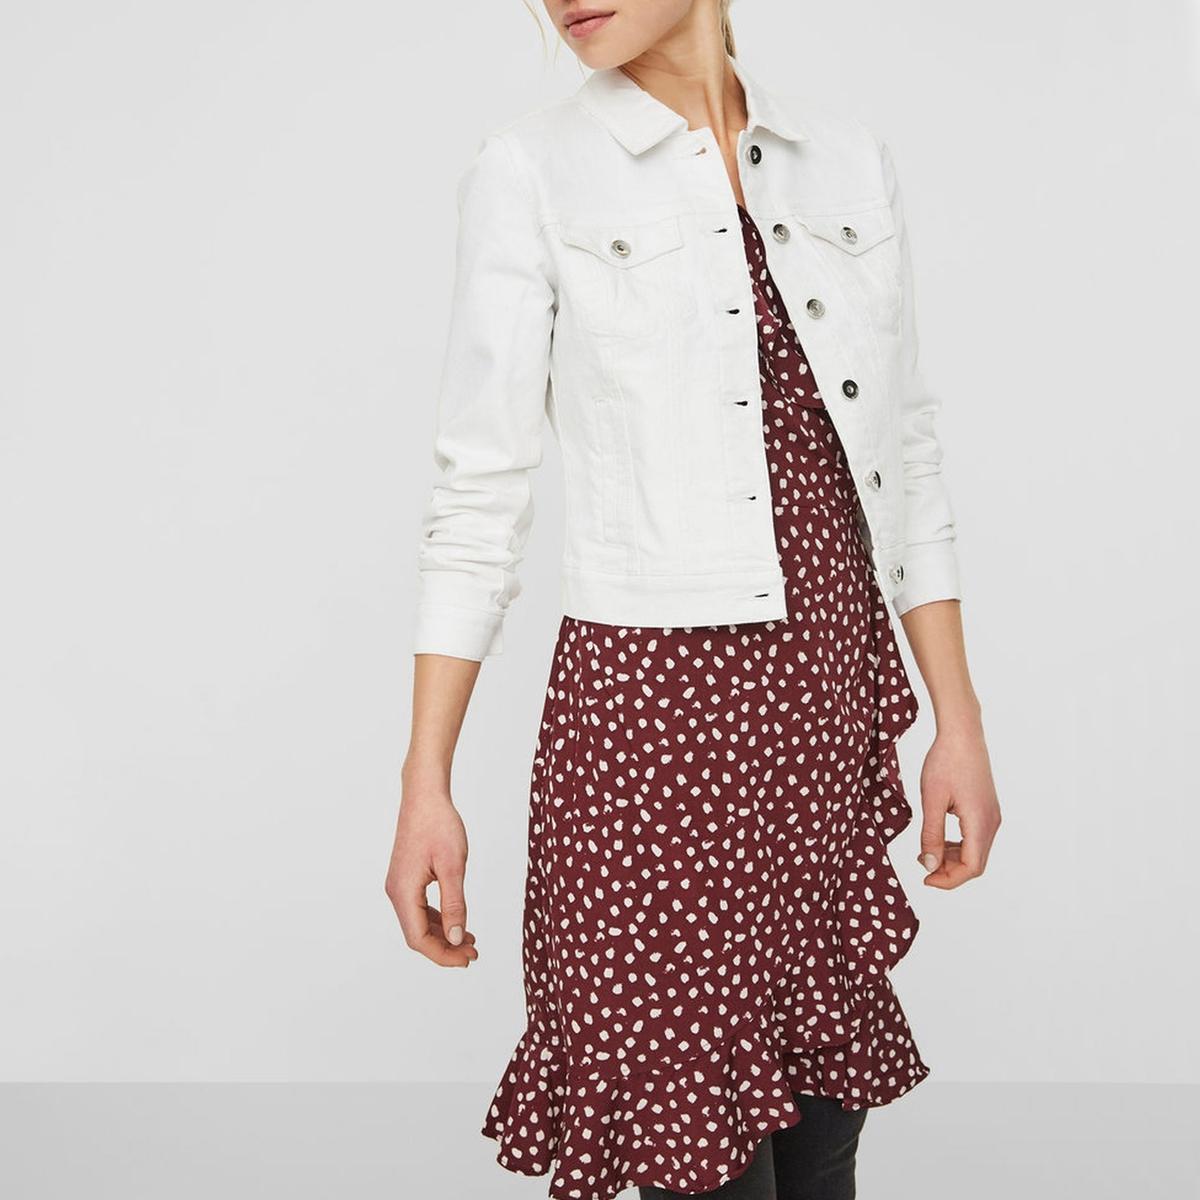 Куртка LaRedoute Короткая прямого покроя из джинсовой ткани S белый